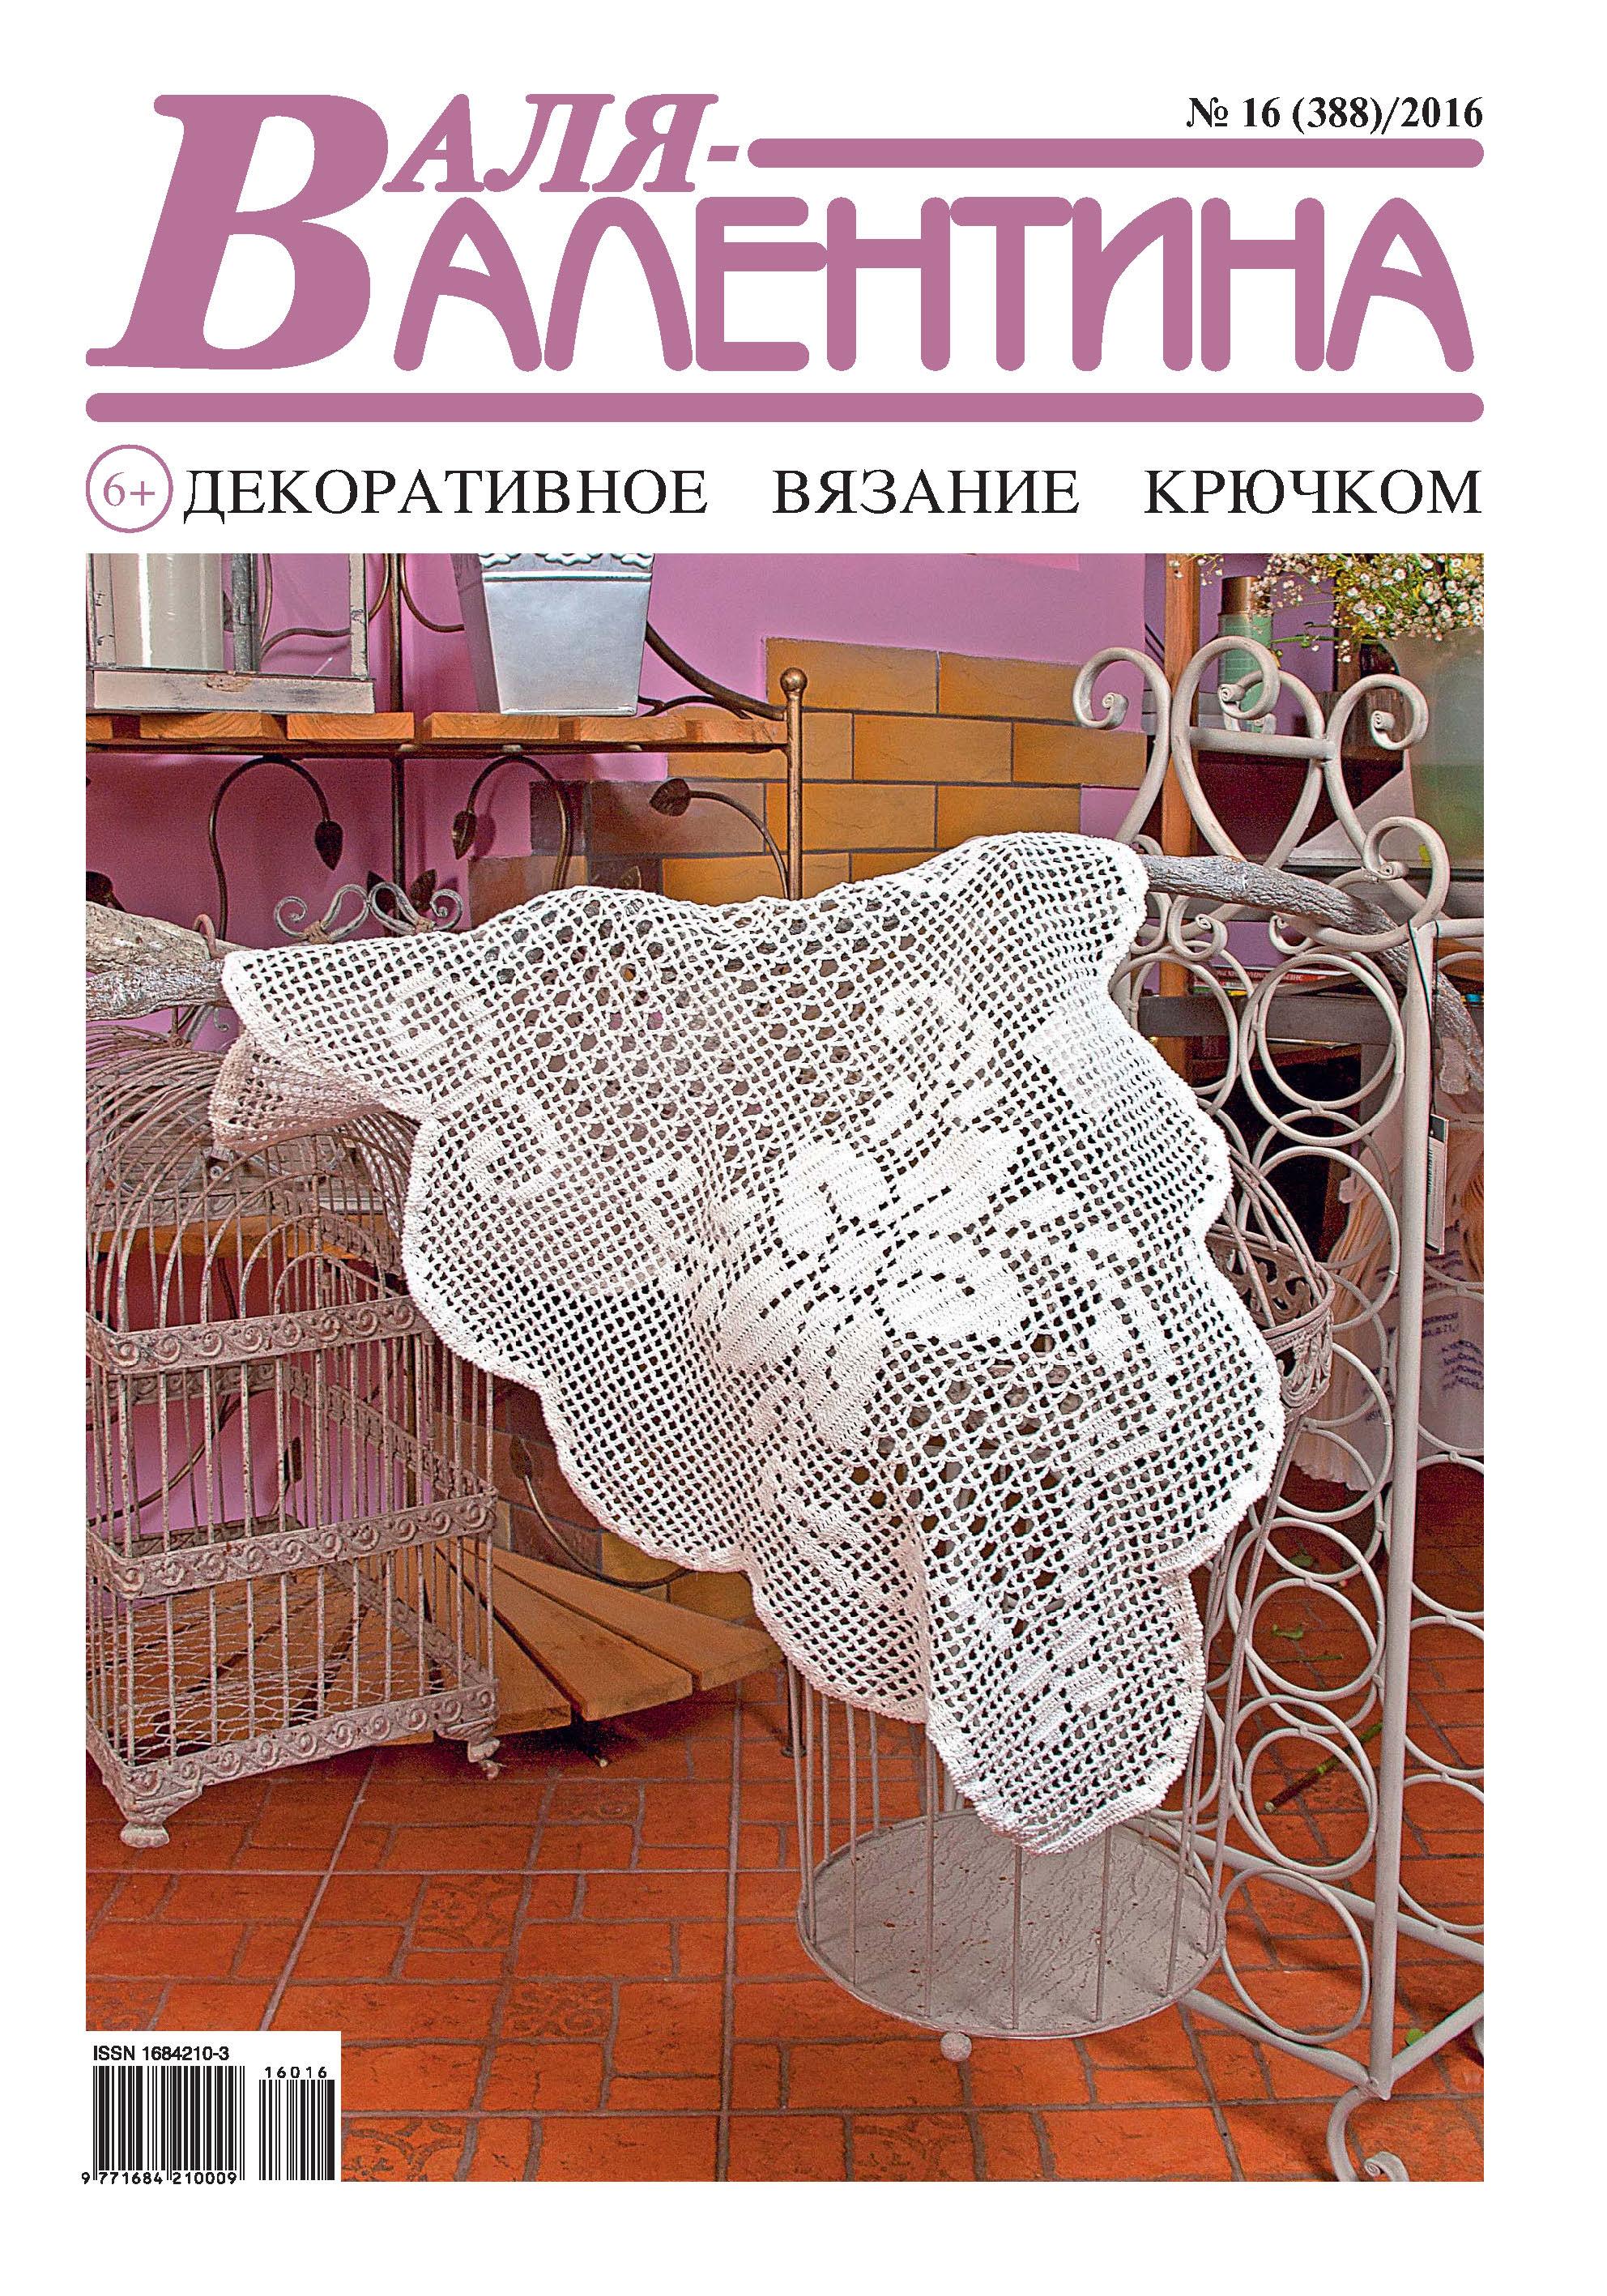 Валя-Валентина. Декоративное вязание крючком. №16/2016_Отсутствует